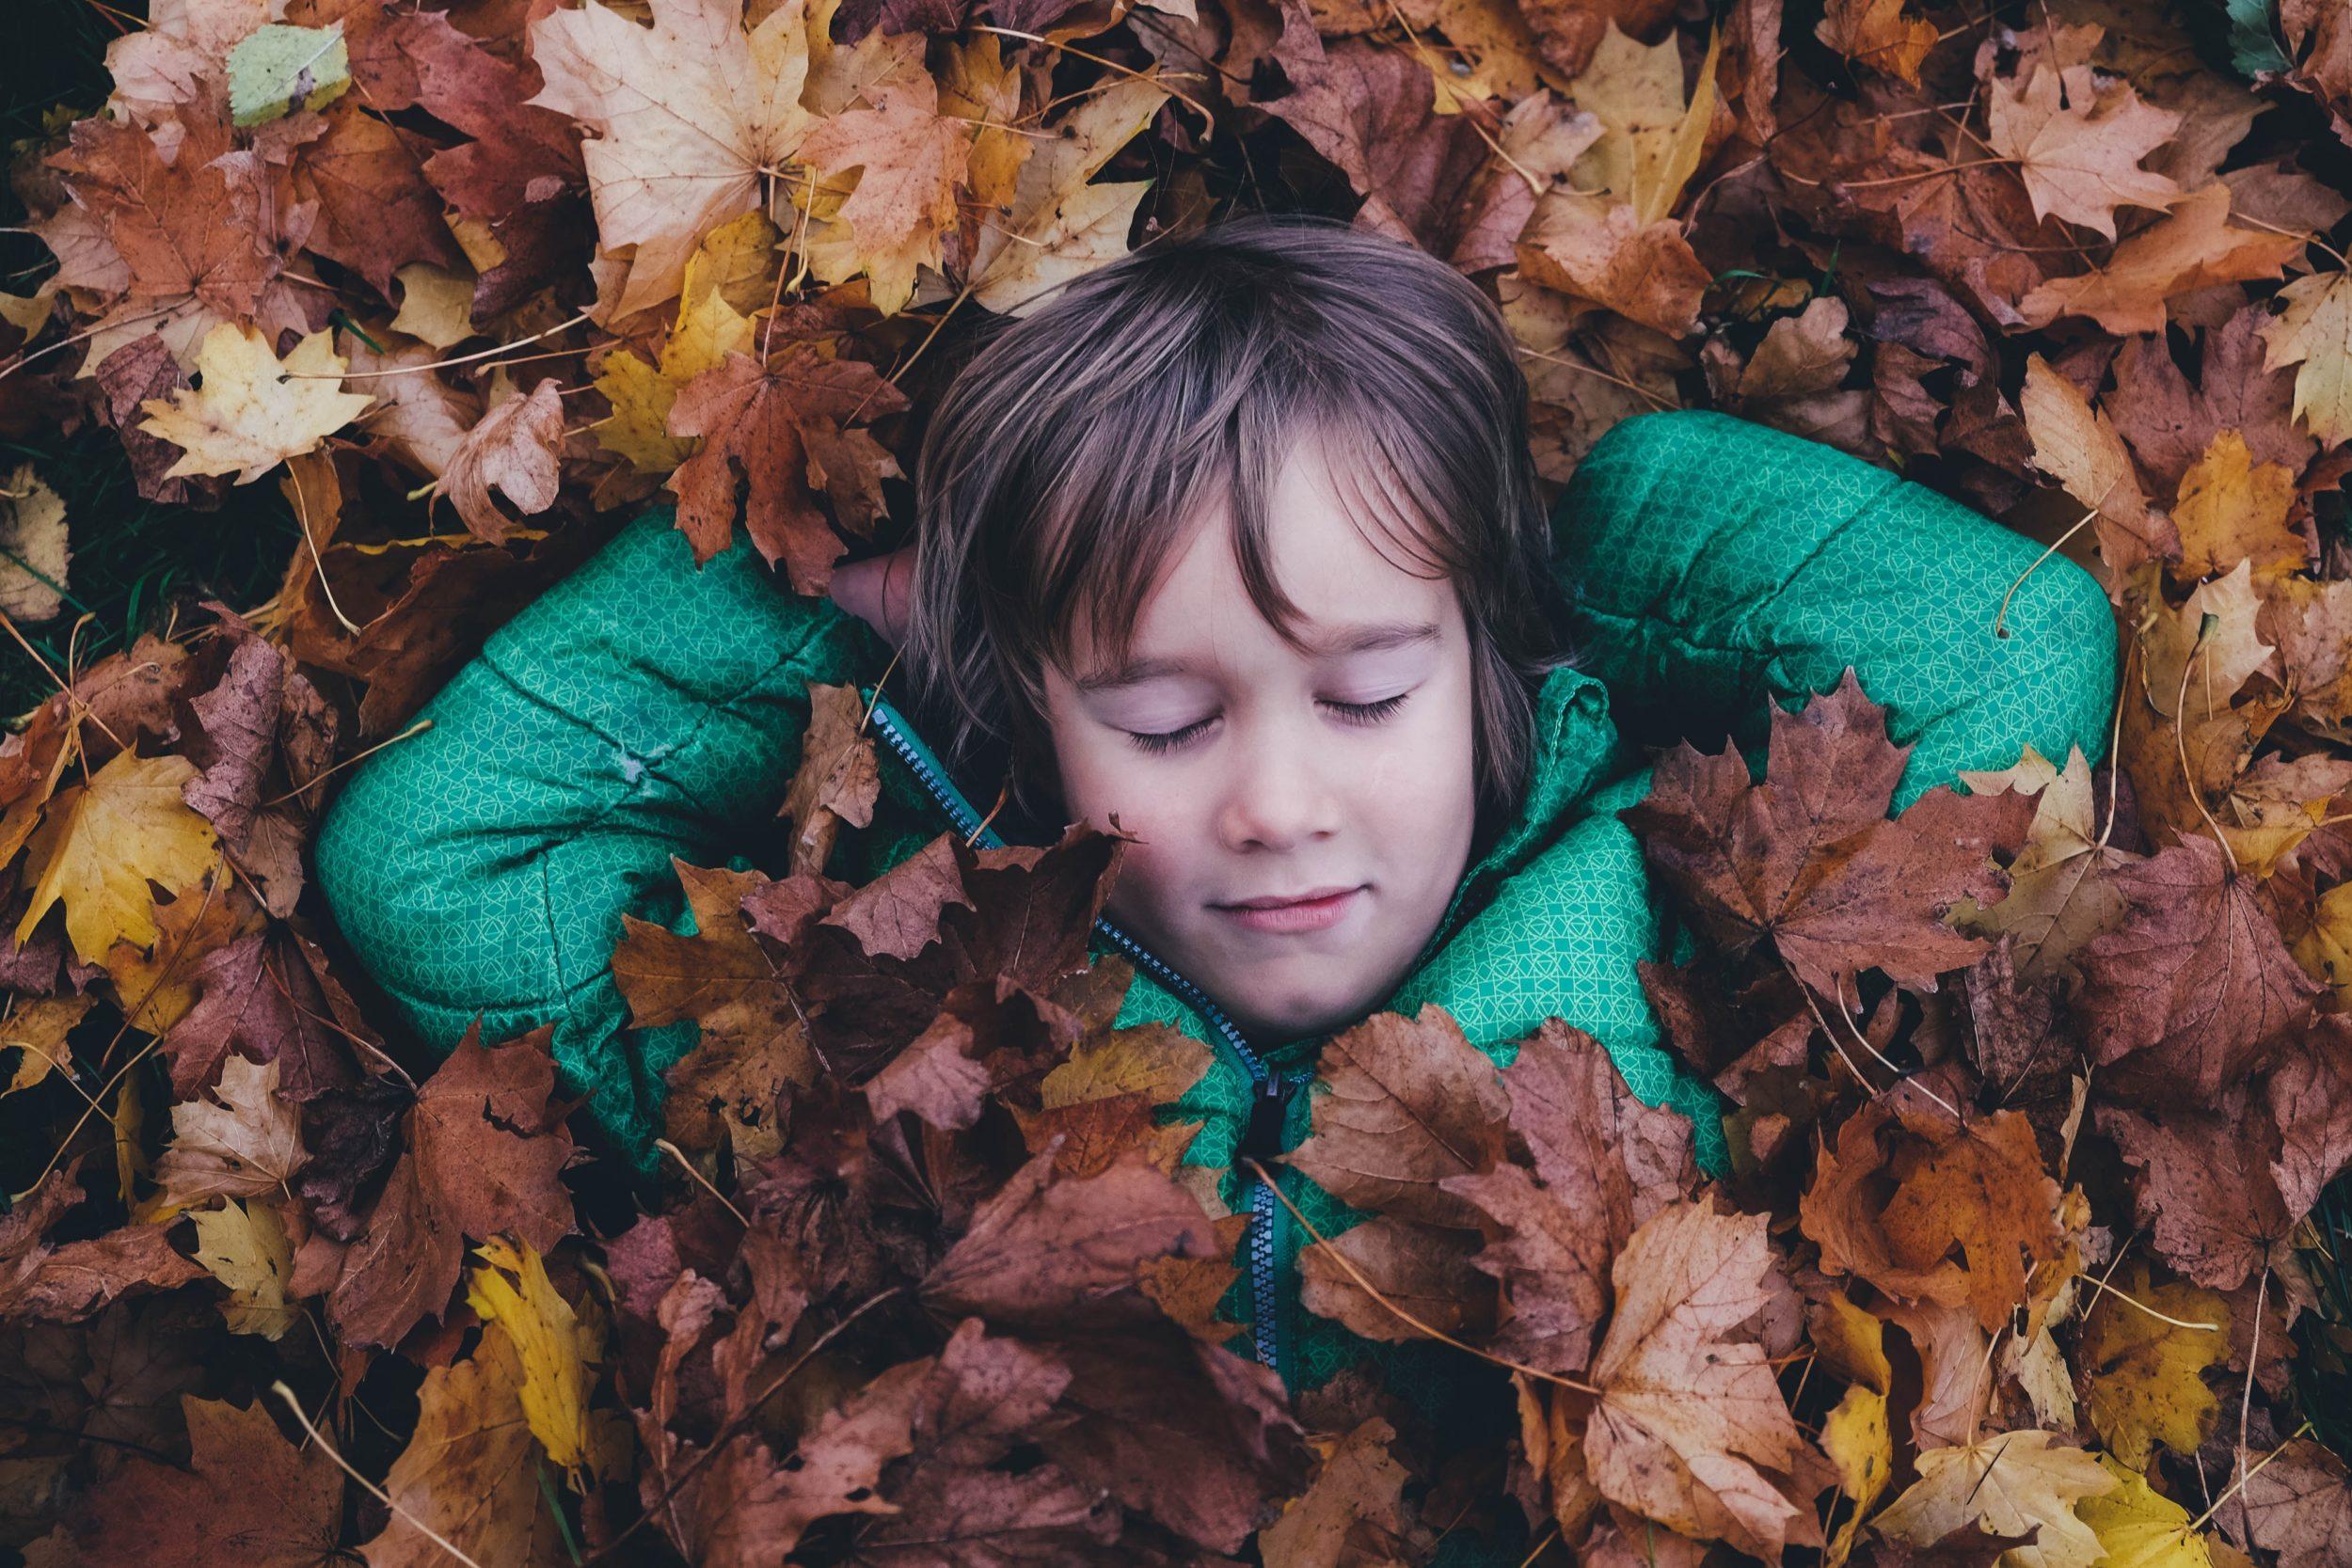 Осіння депресія у дитини. Погода нічого не вирішує